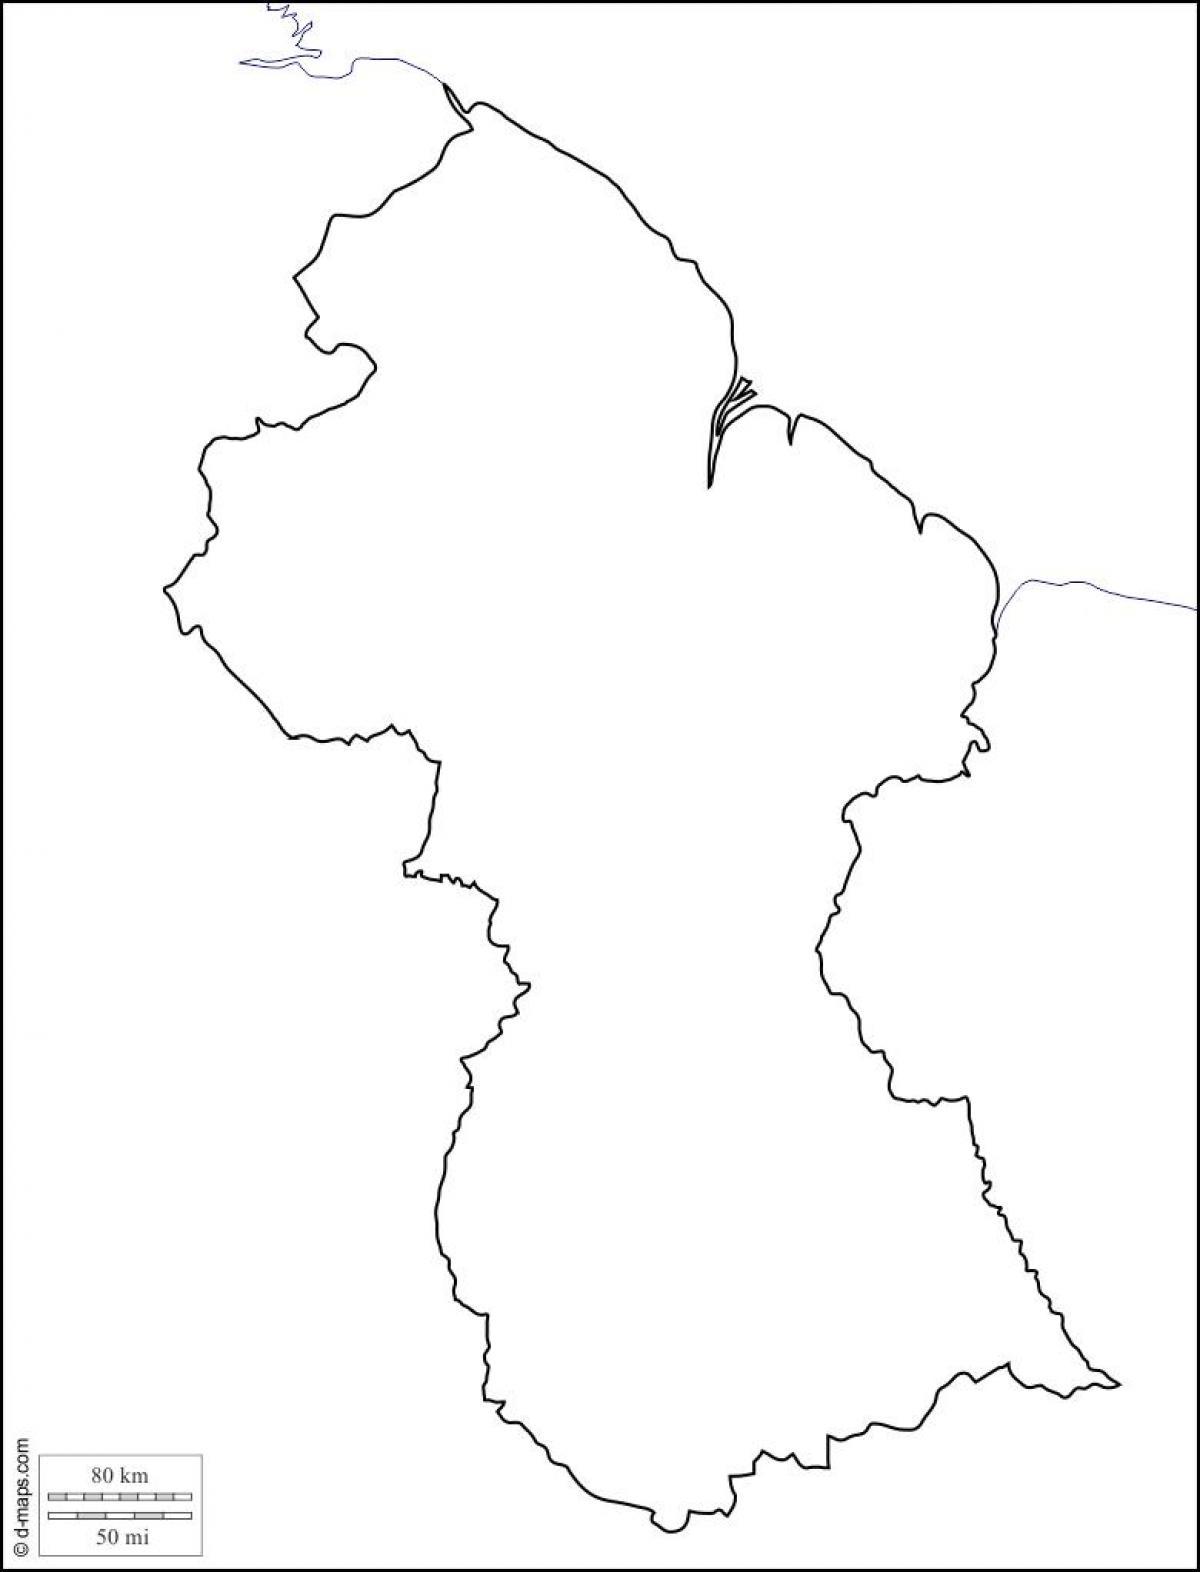 La Guyane Carte Plan Carte Vierge De La Guyane Amérique